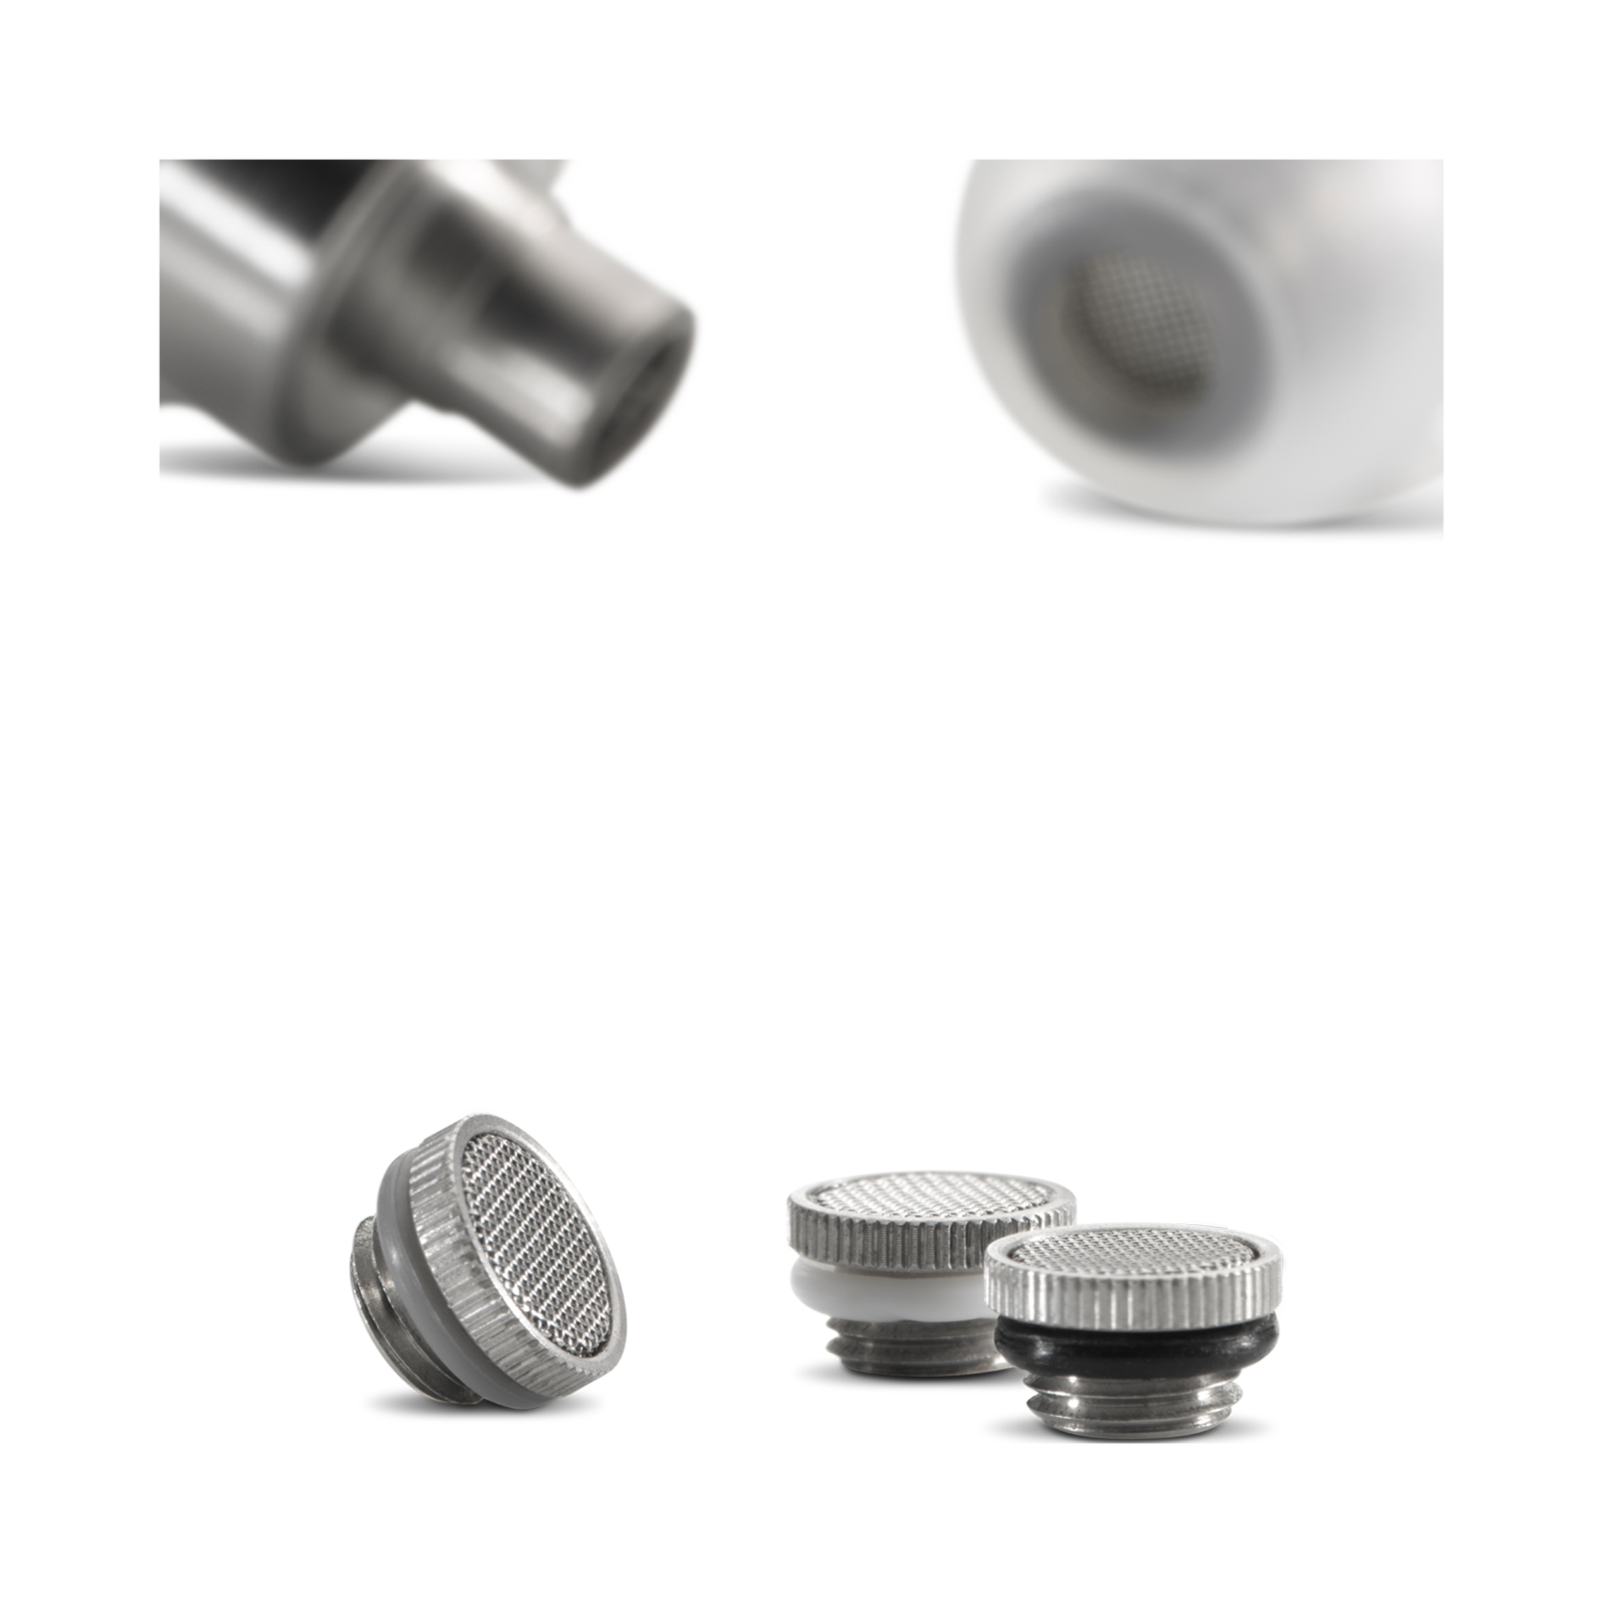 K3003 - Aluminum - Reference class 3-way earphones delivering AKG reference sound. - Detailshot 2